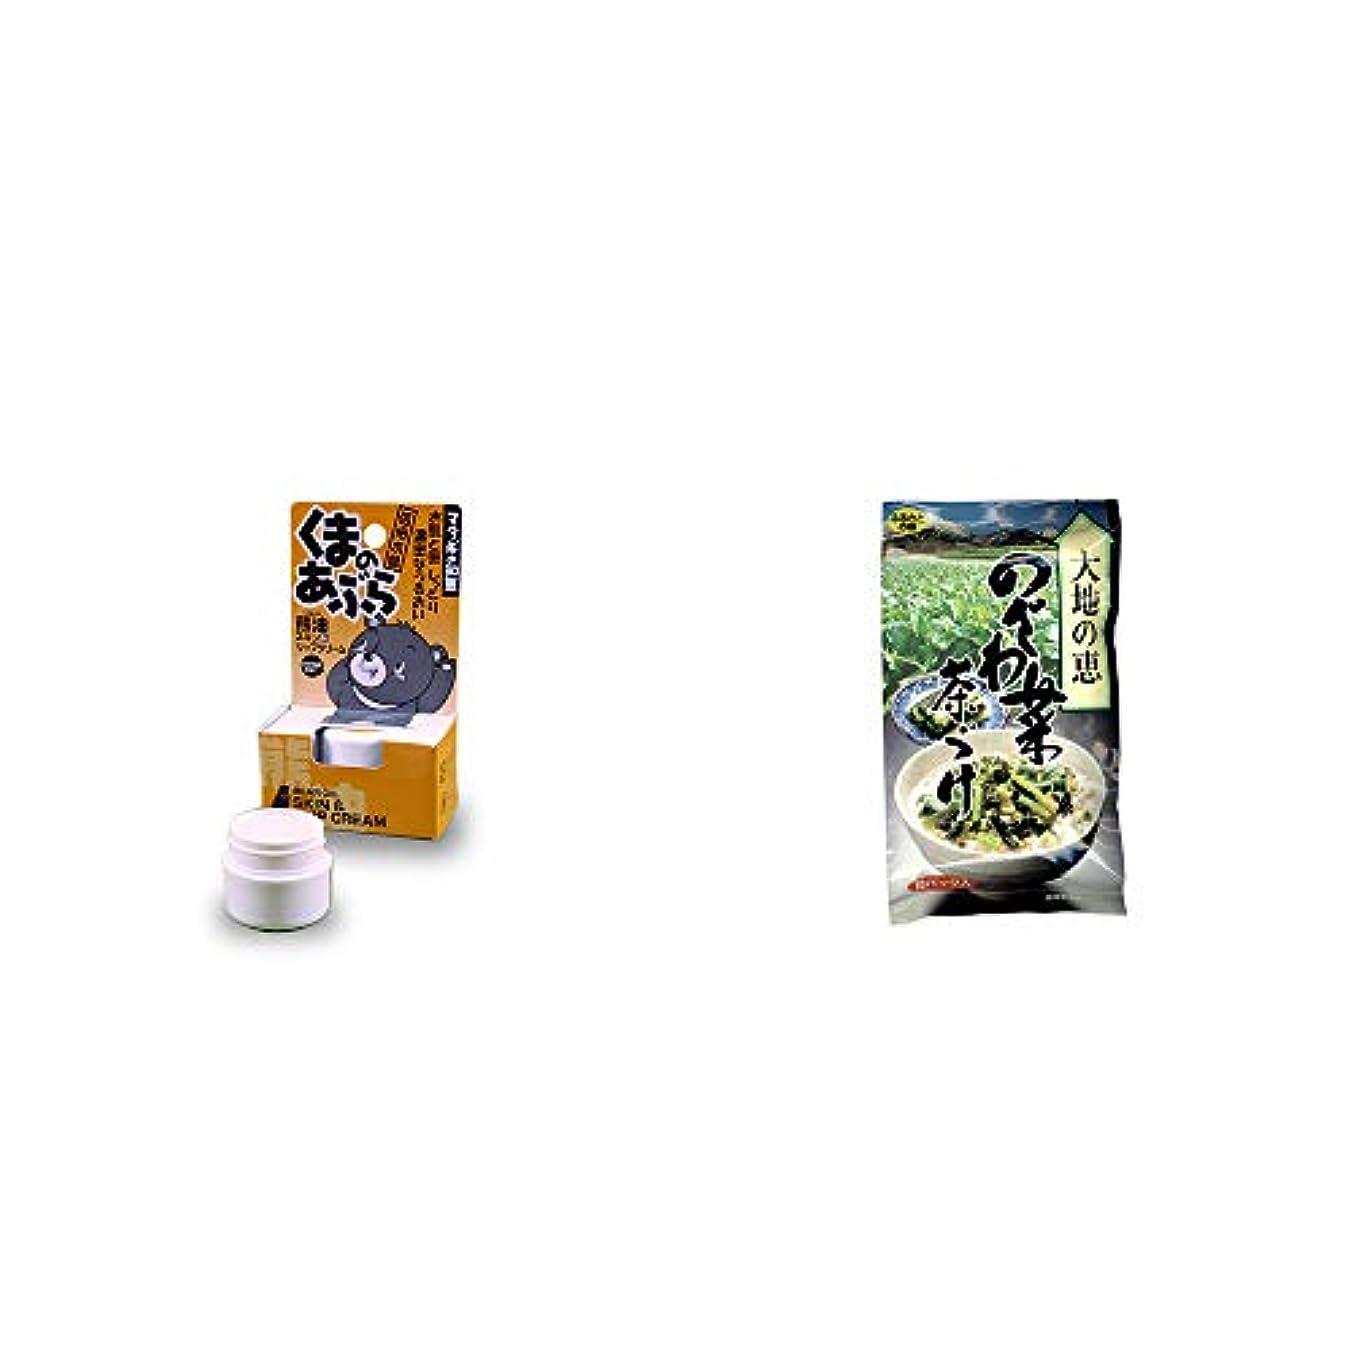 夜の動物園覗く週間[2点セット] 信州木曽 くまのあぶら 熊油スキン&リップクリーム(9g)?特選茶漬け 大地の恵 のざわ菜茶づけ(10袋入)